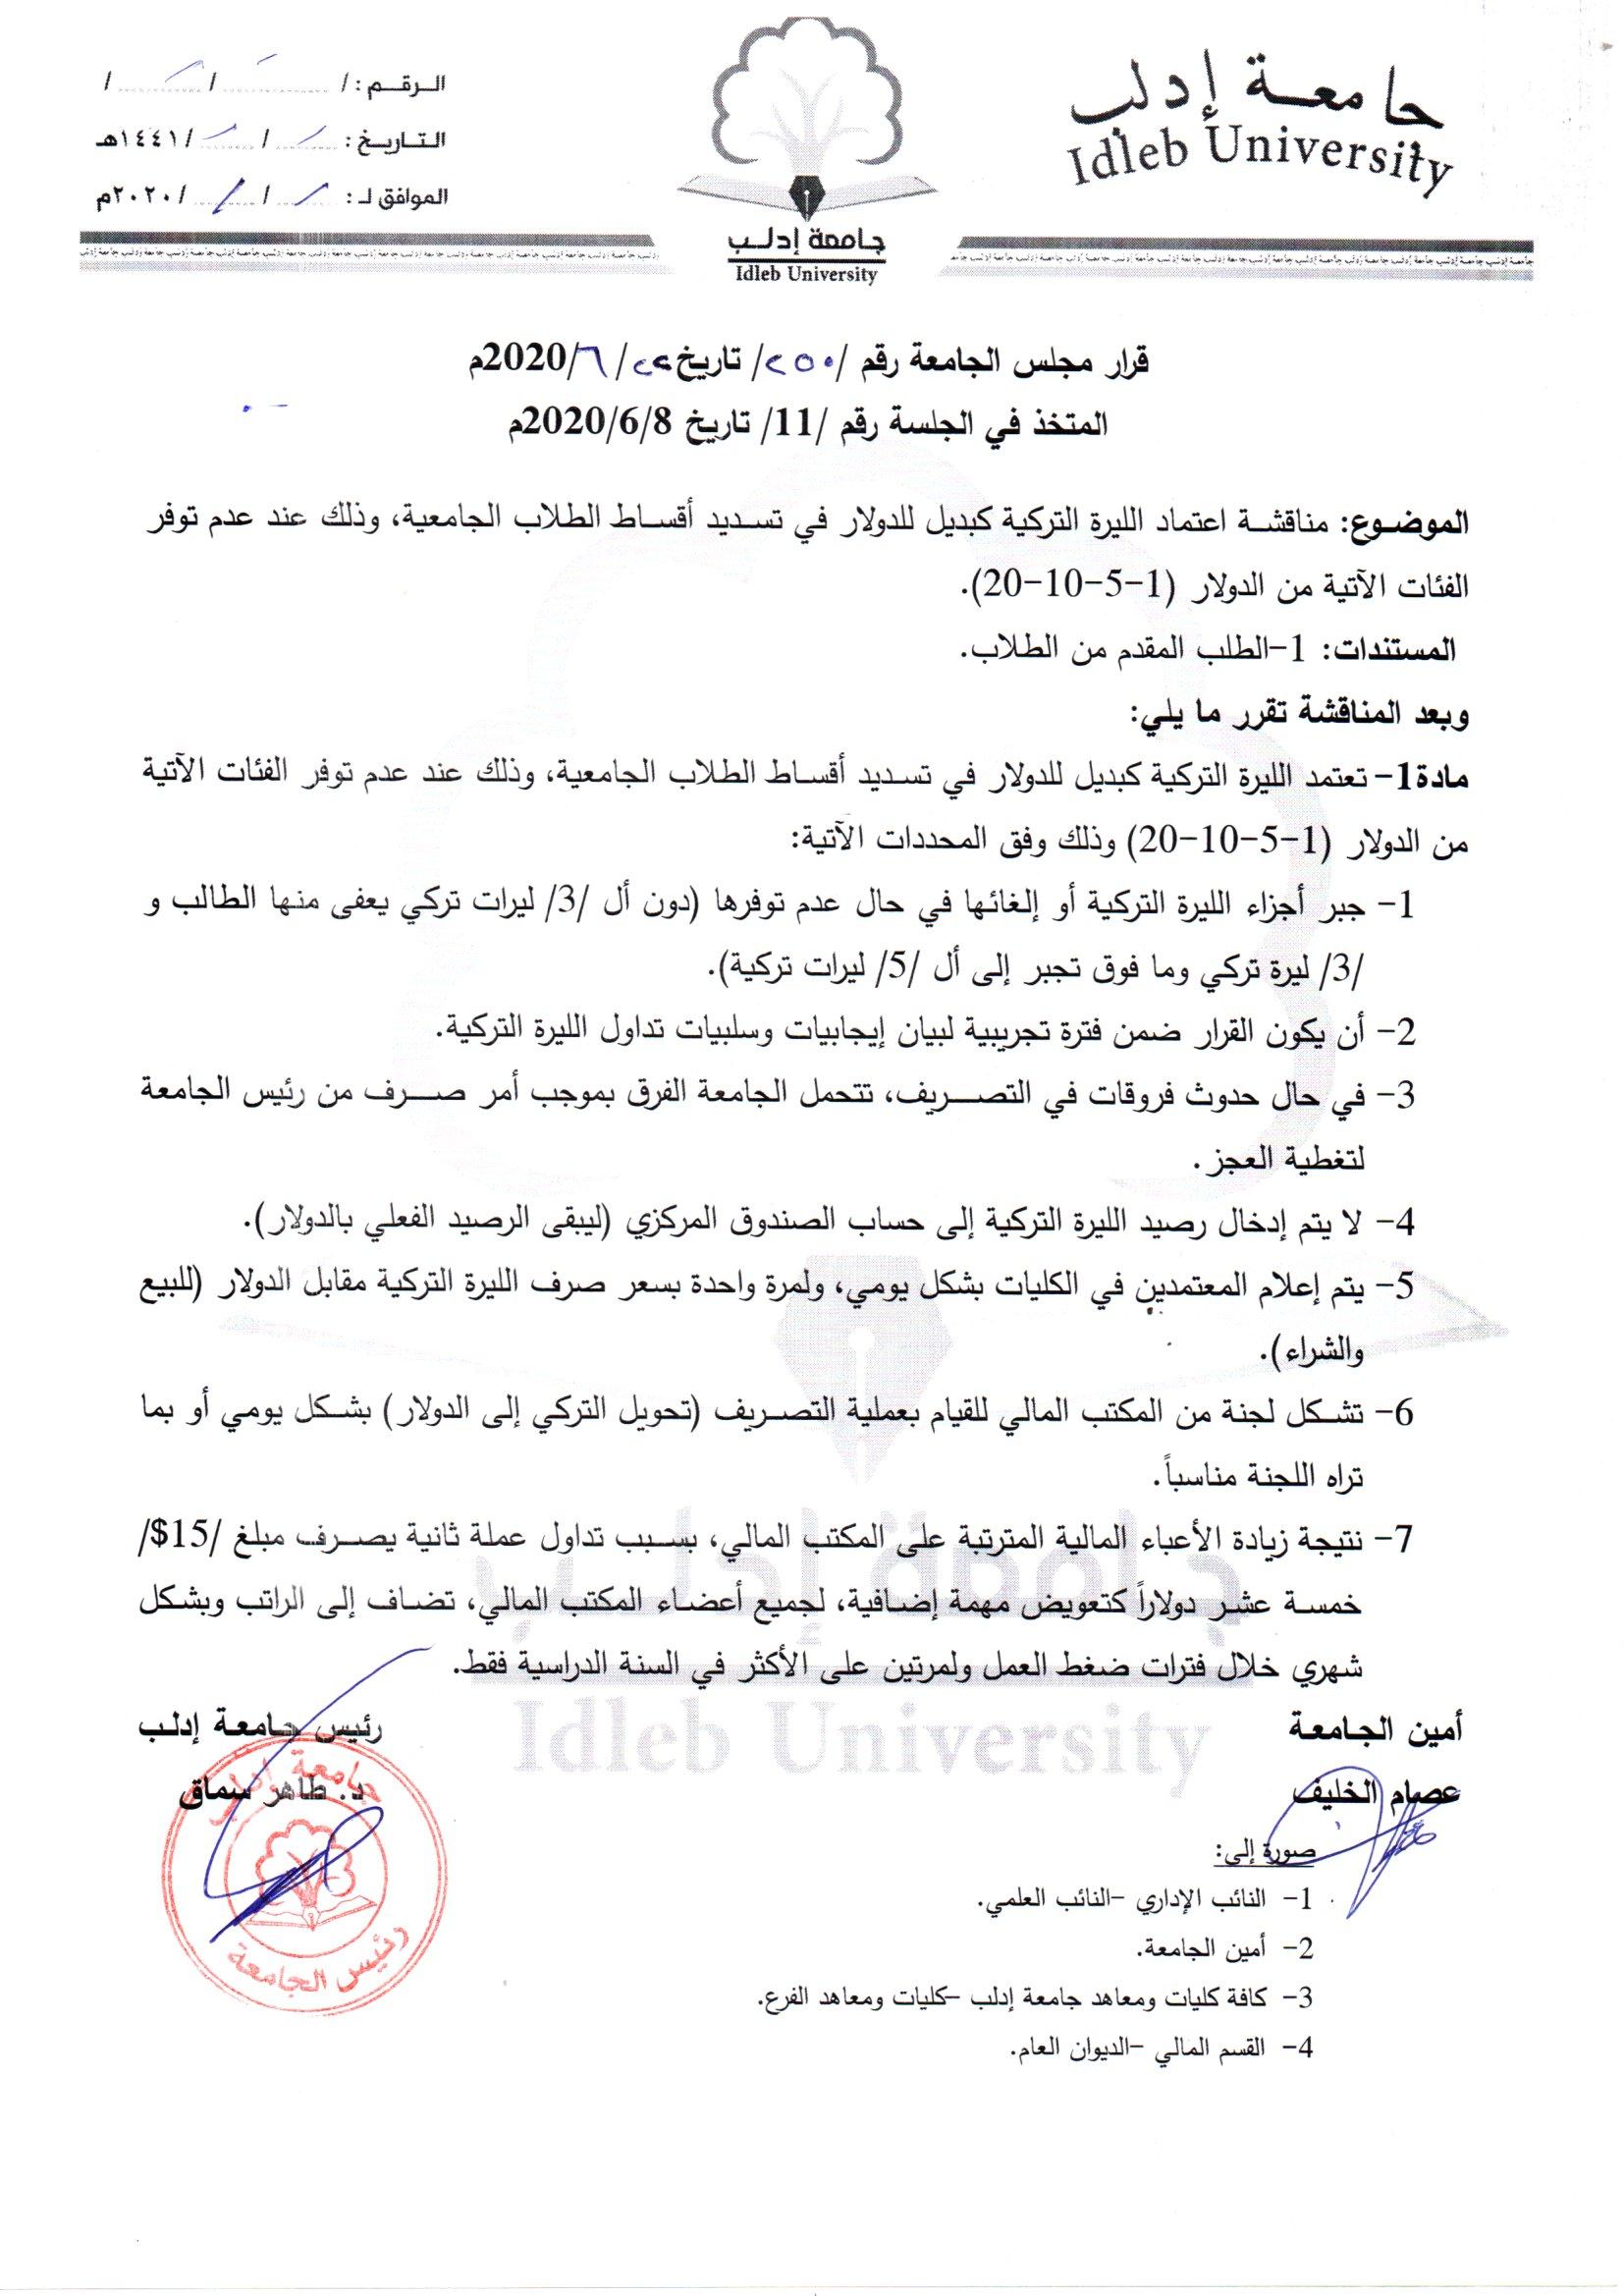 قرار مجلس إدارة جامعة إدلب لاعتماد الليرة التركية بدل الدولار الأمريكي لتسديد الأقساط الجامعية